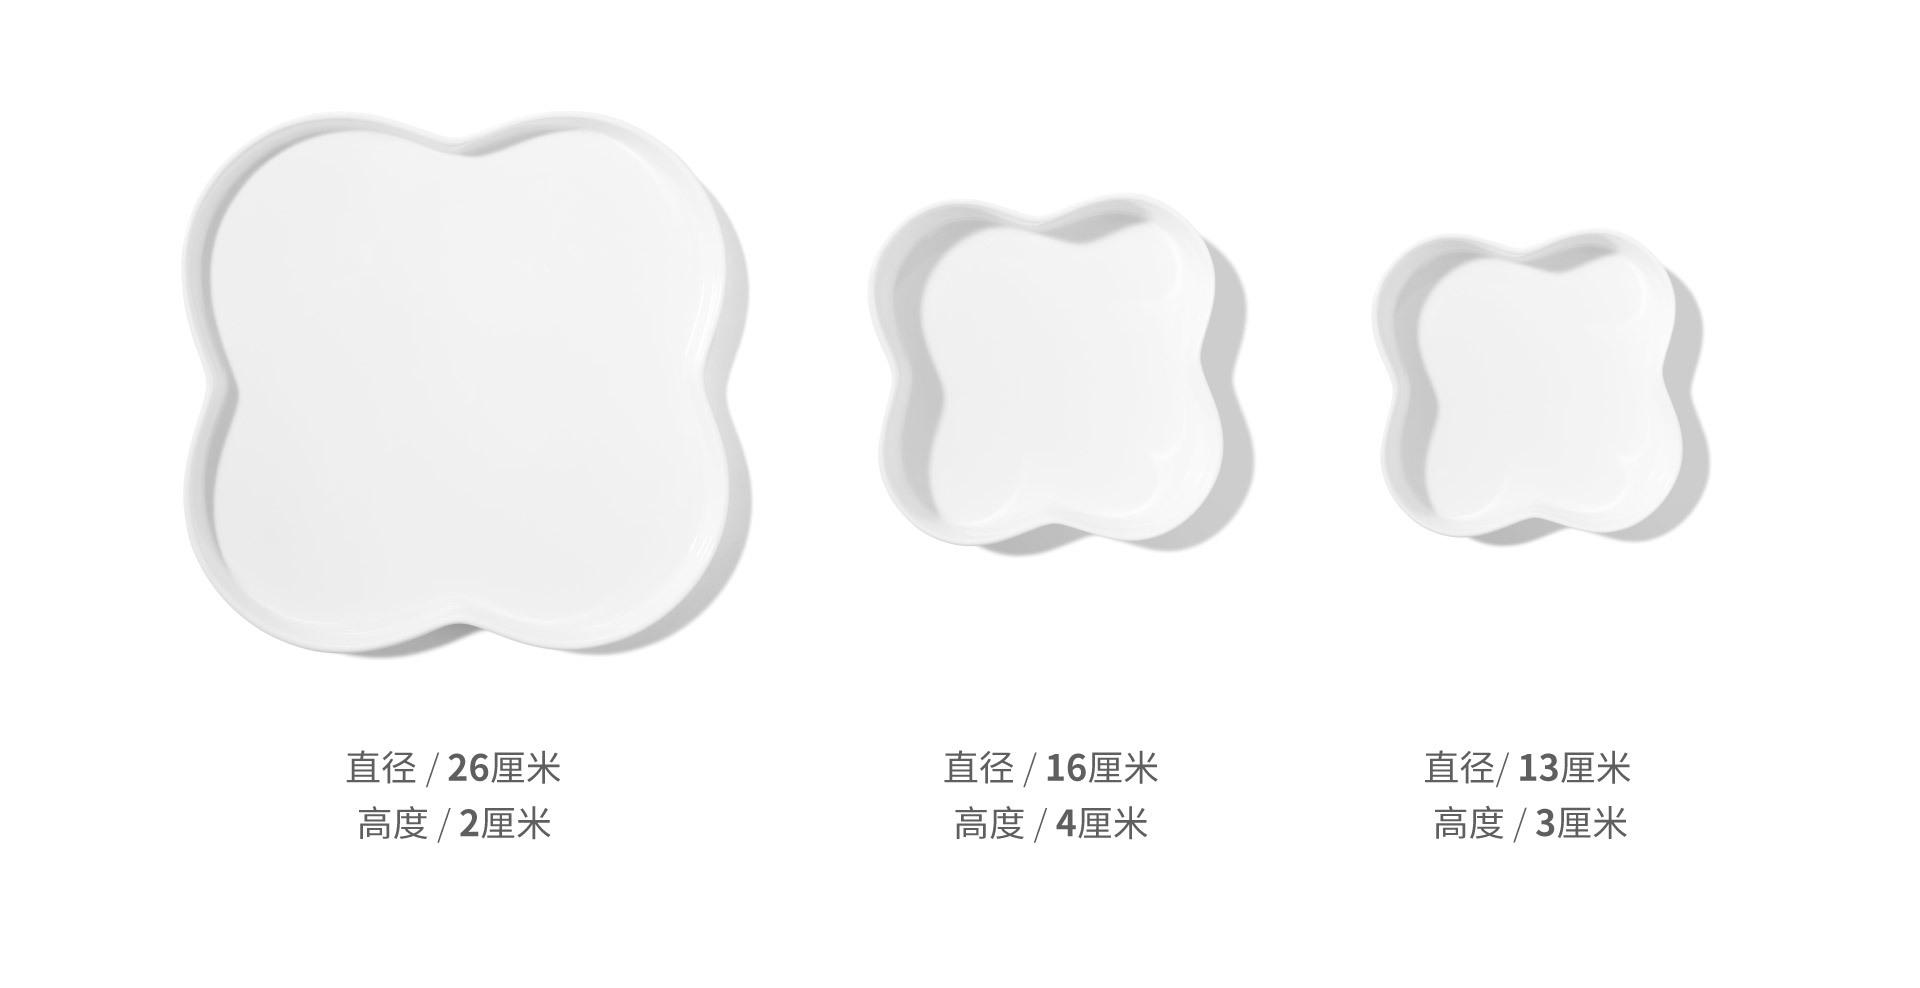 造作四叶草果盘组™餐具效果图